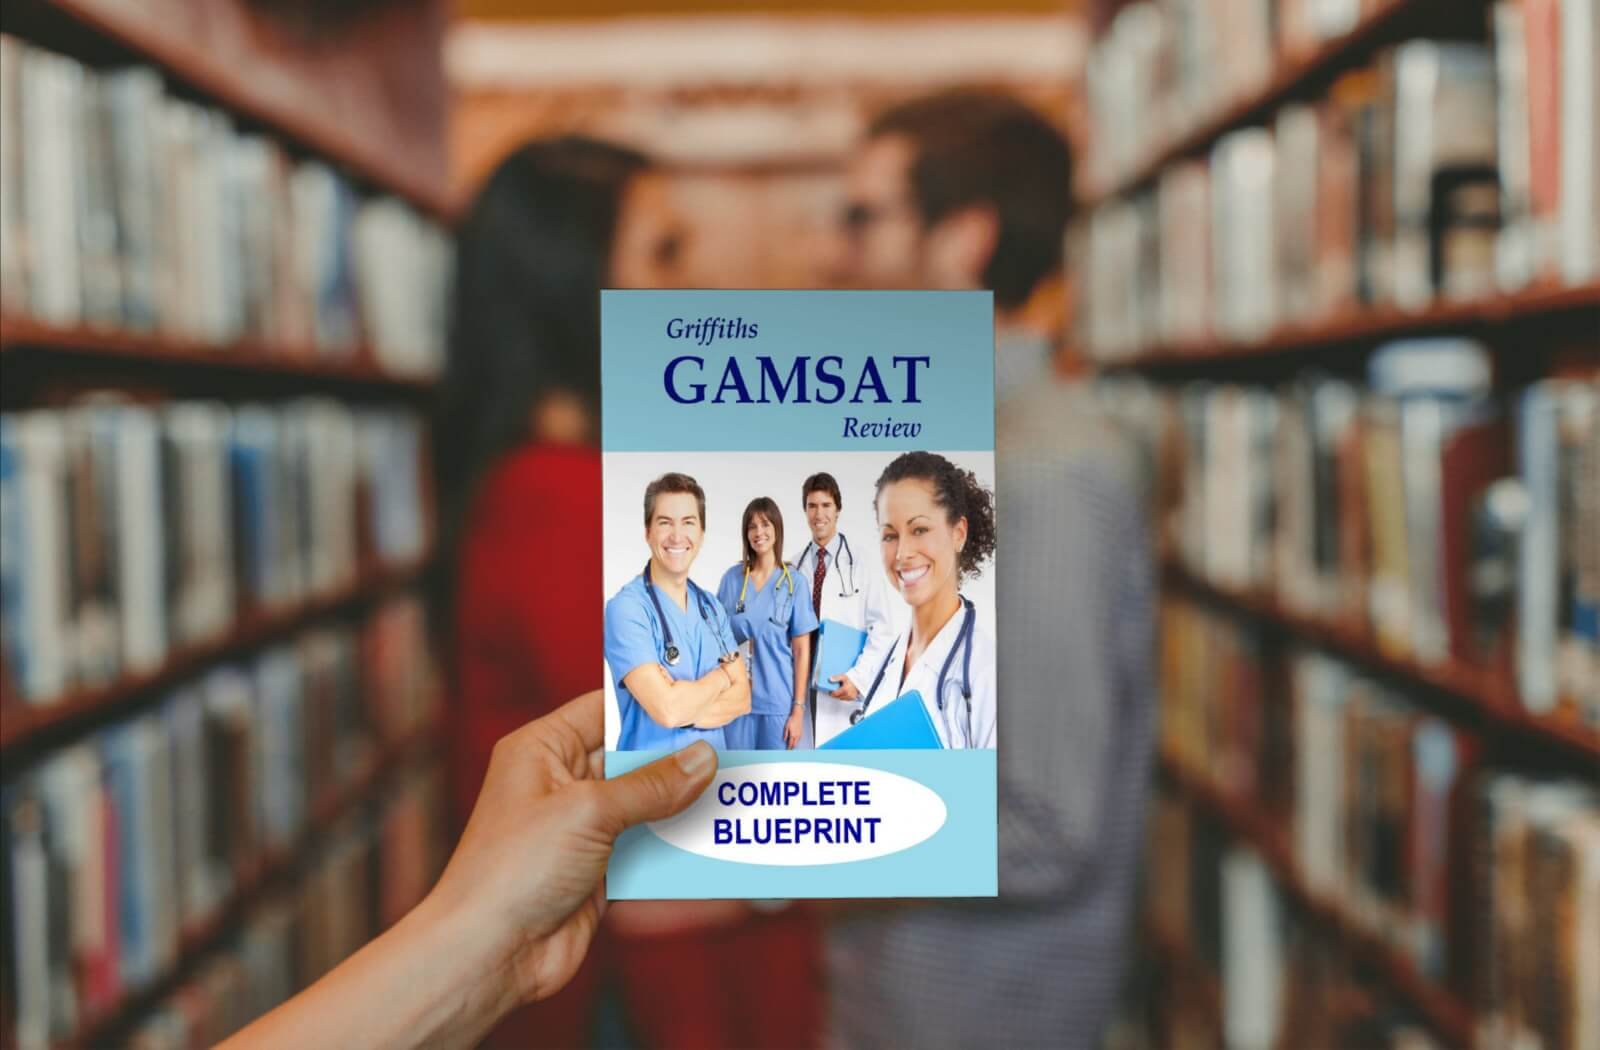 GAMSAT Study Material